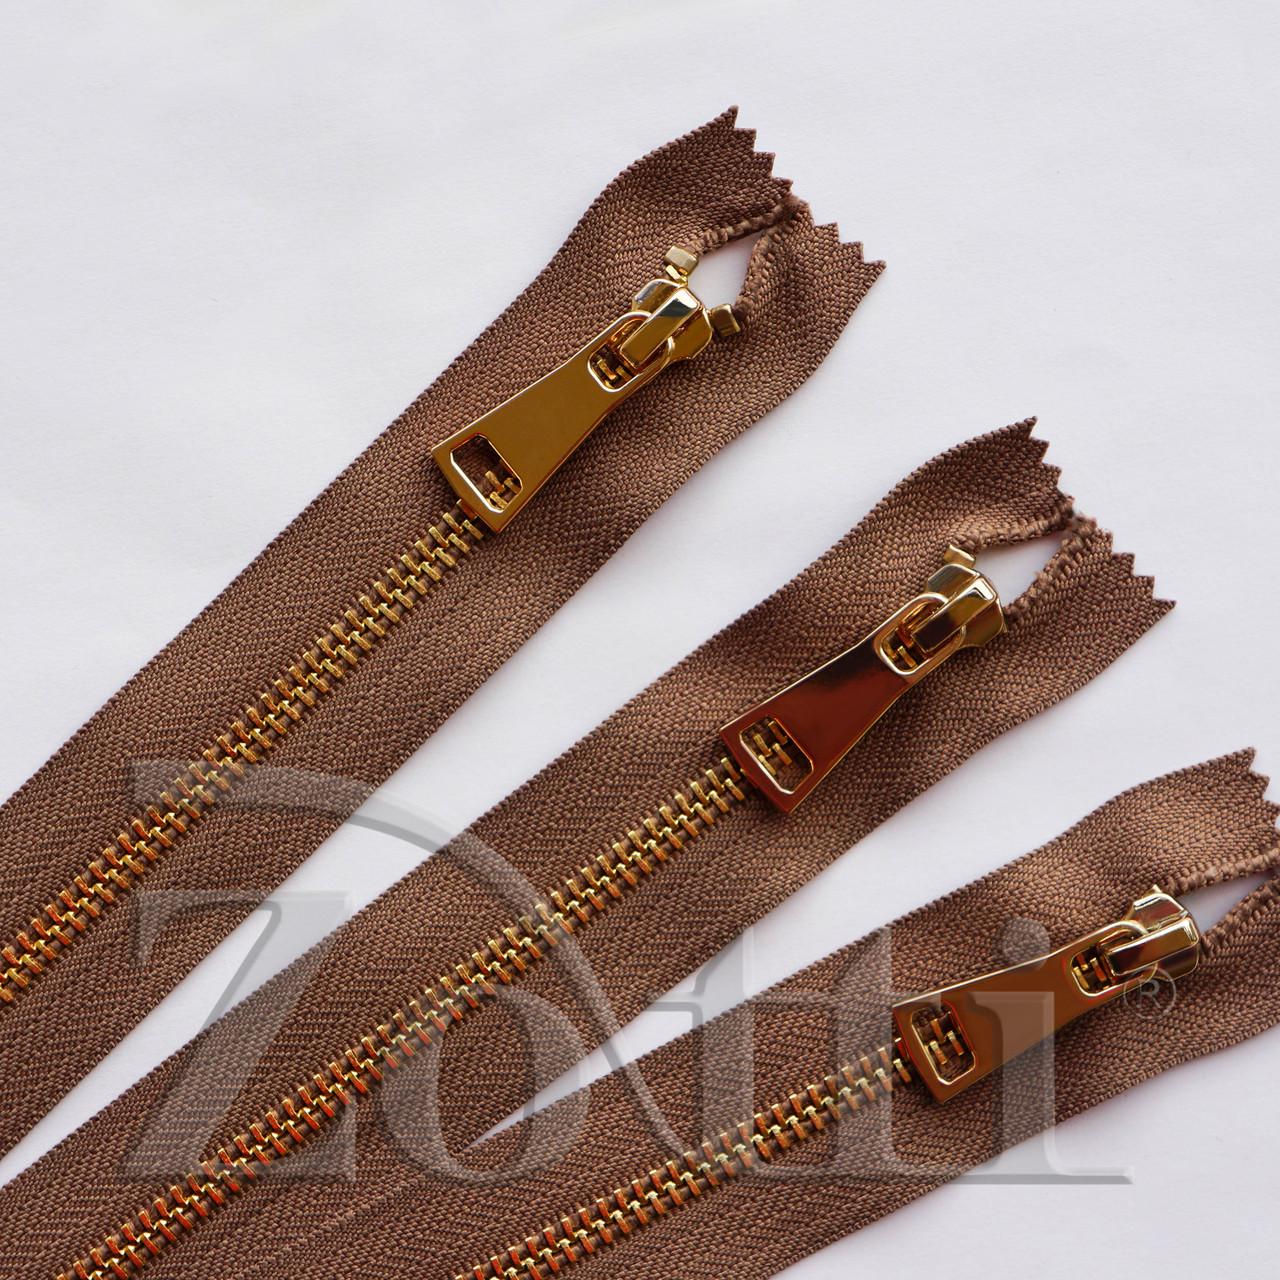 Молния (змейка,застежка) металлическая №5, размерная, обувная, коричневая, с золотым бегунком № 115 - 50 см